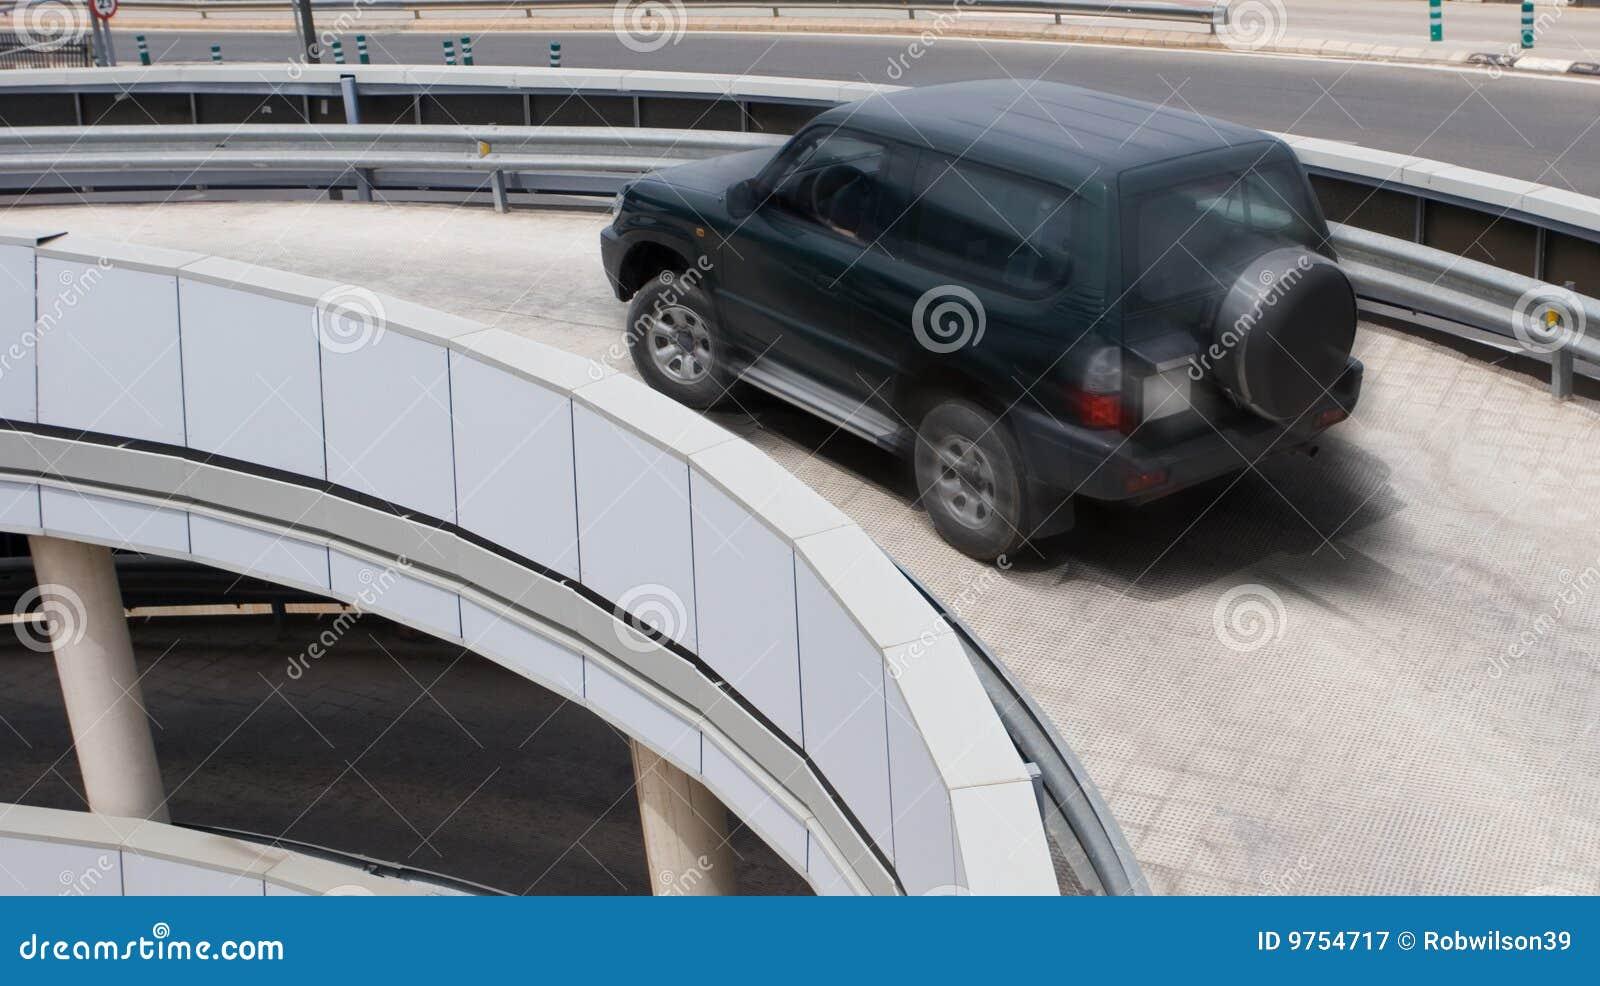 parking garage ramp stock images image 13229914 airport parking garage ramp royalty free stock photography